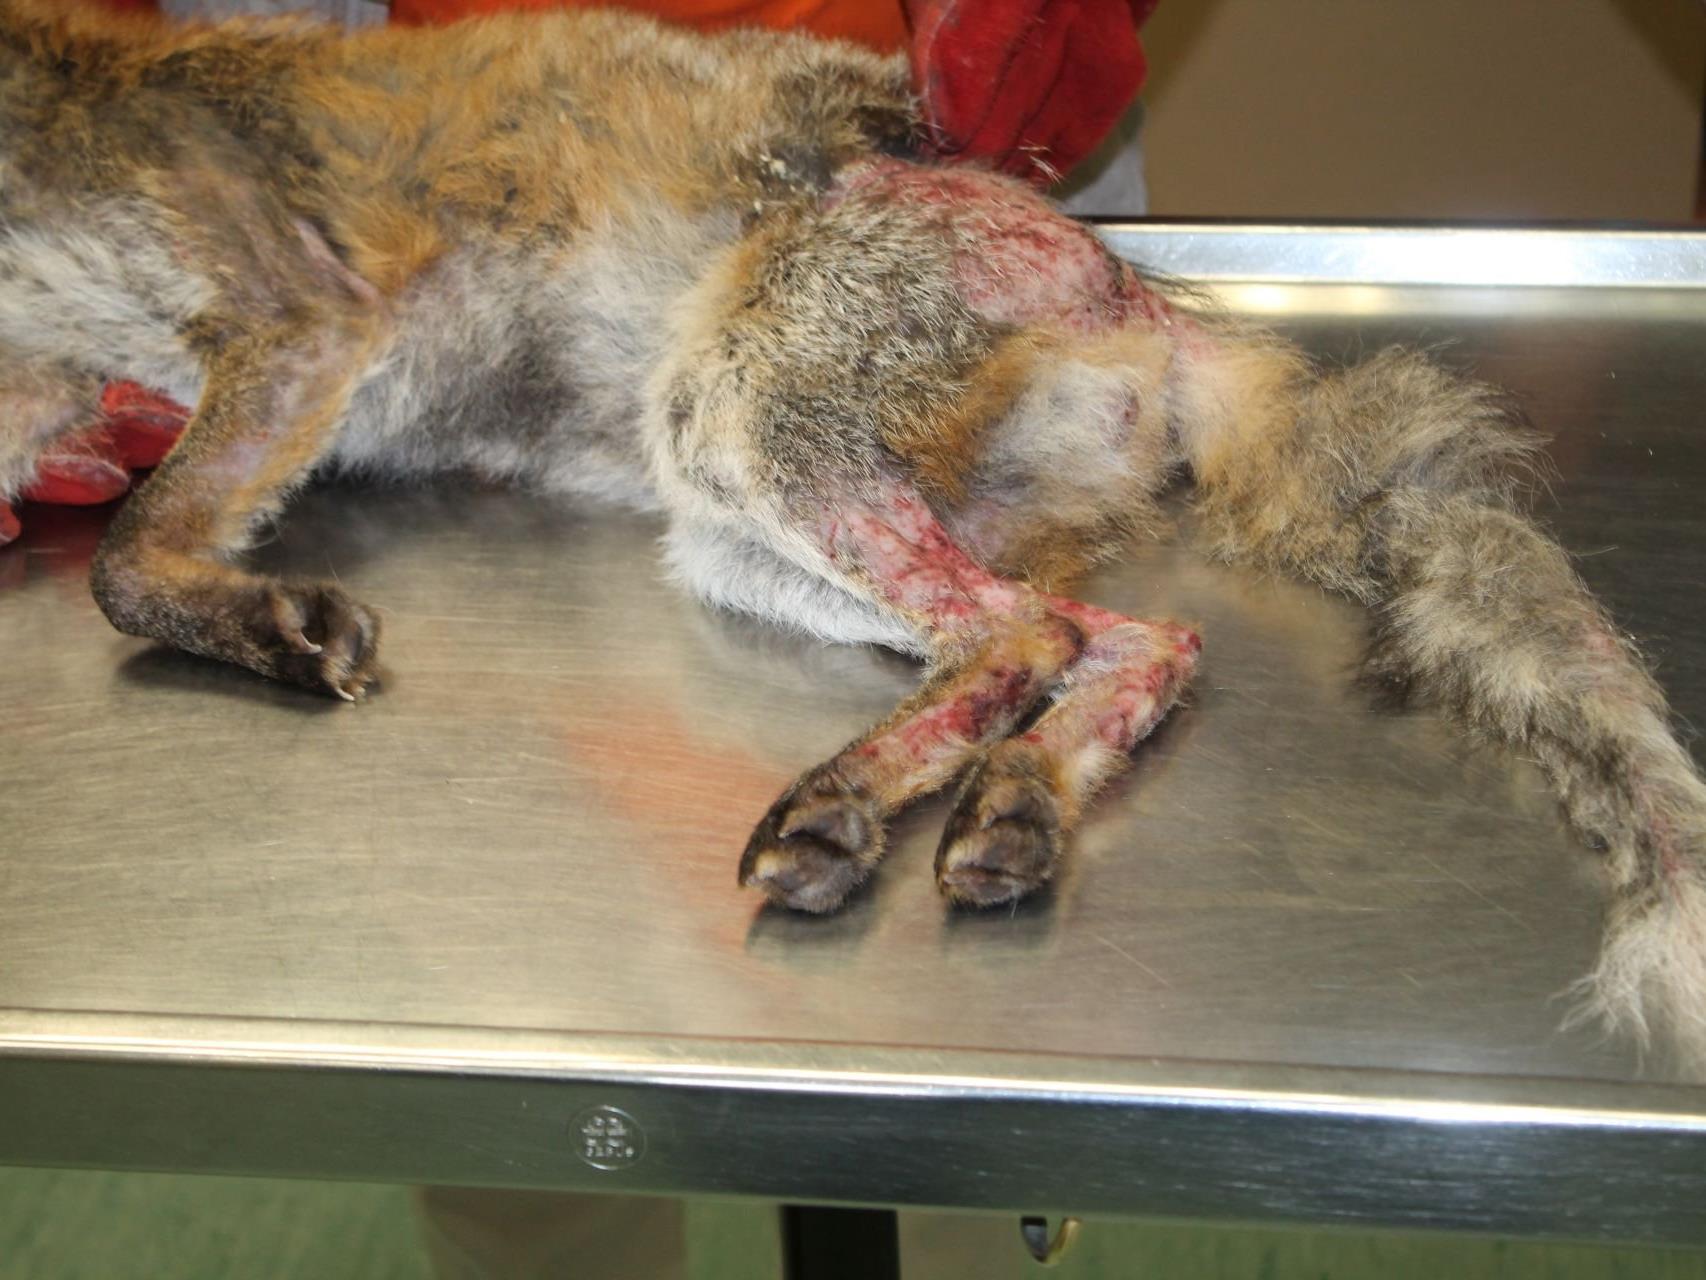 Der Fuchs hatte sich in einer Schlingenfalle verfangen